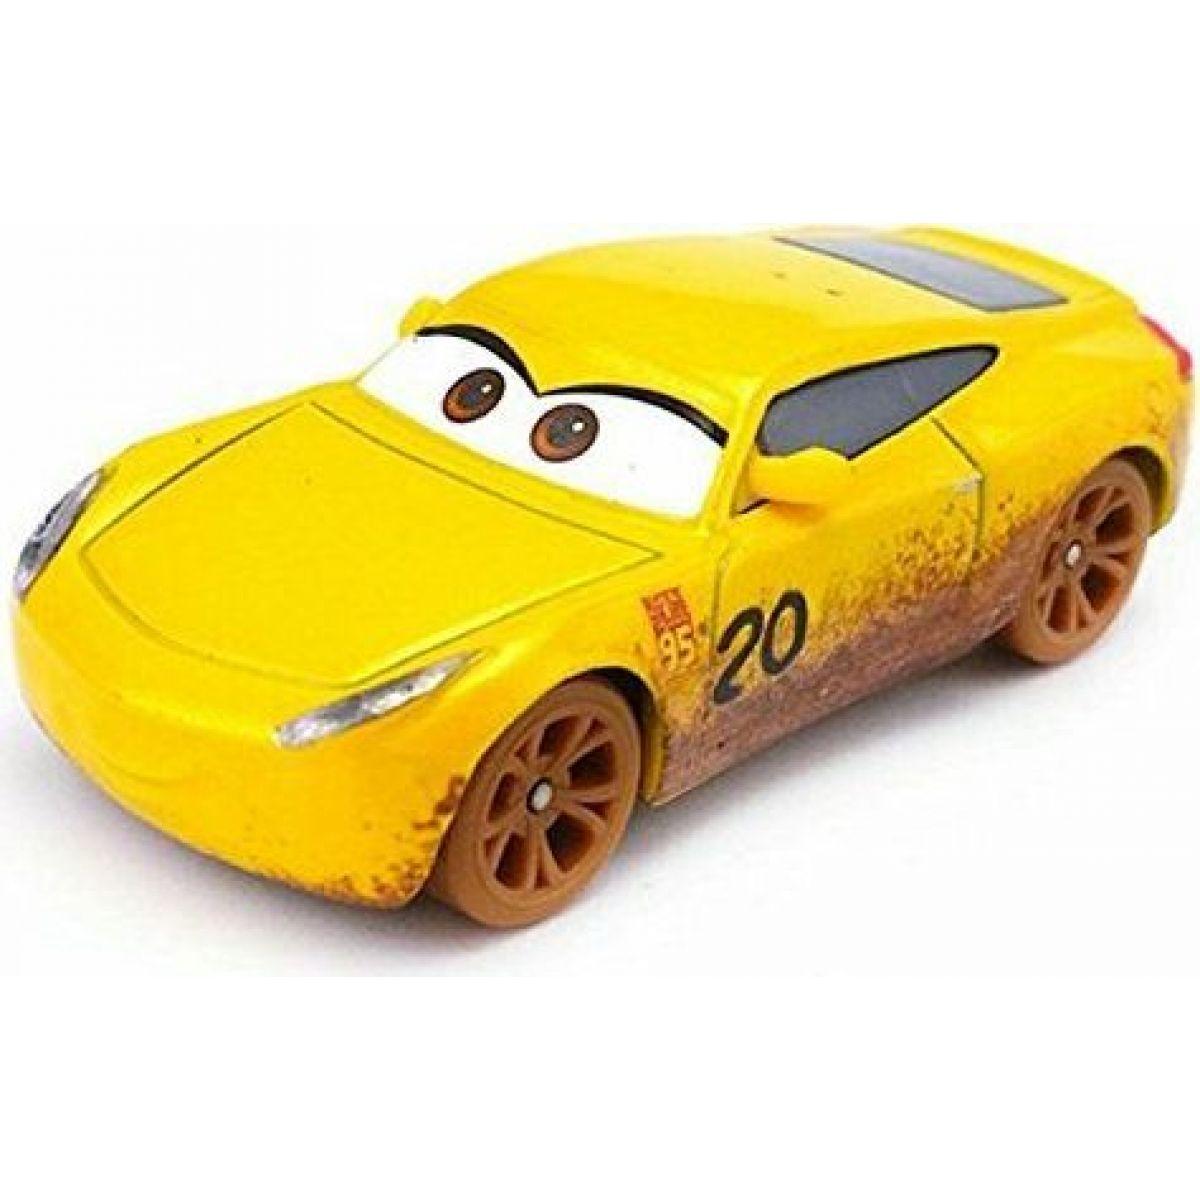 Mattel Cars 3 Auta Cruz Ramirez as Frances Betline